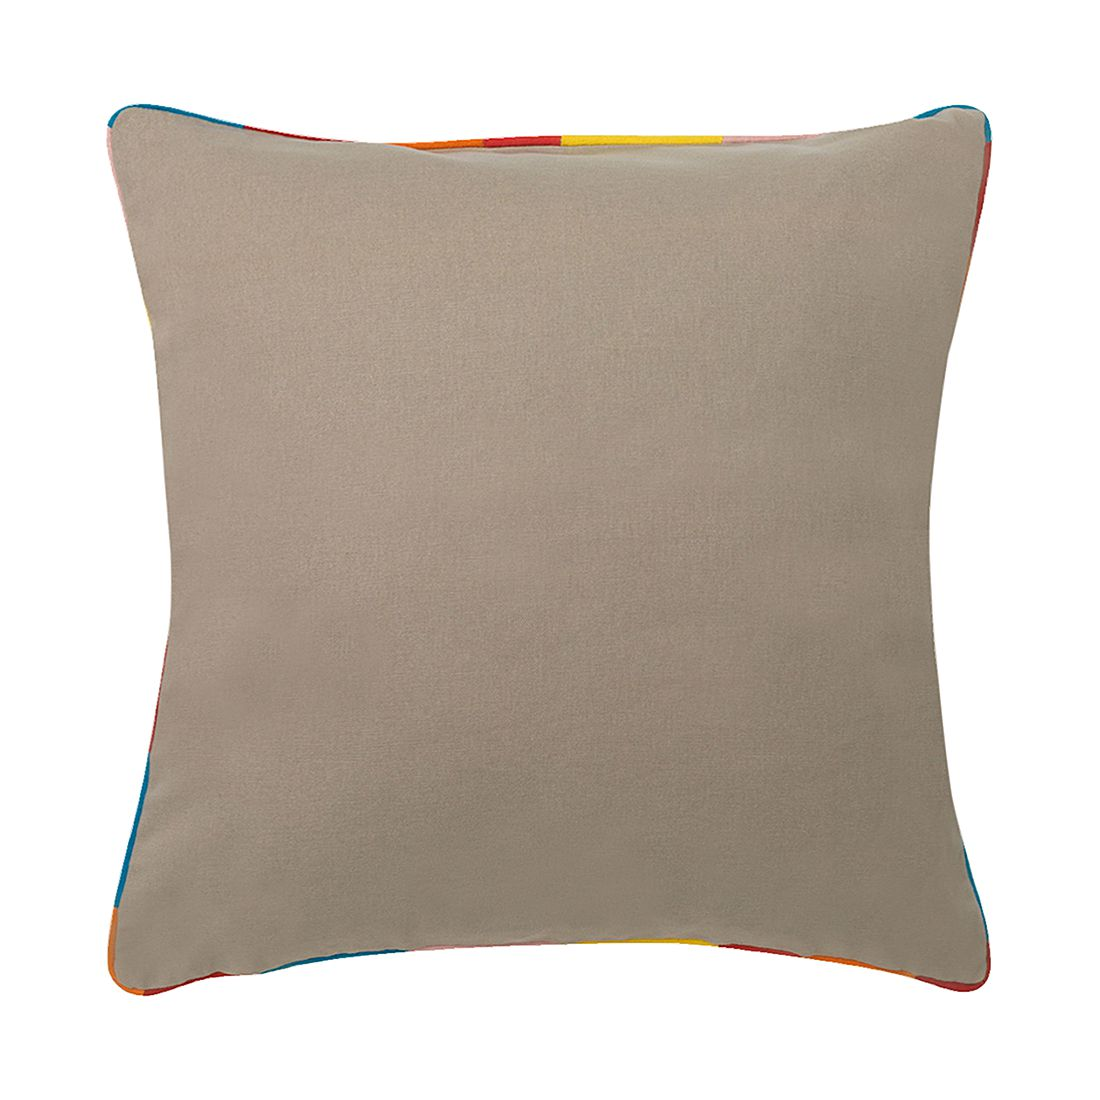 Kissen Muret – 45 X 45 cm, Grau, Baumwolle – Kissenhülle, ohne Füllung, Dutch Decor günstig bestellen